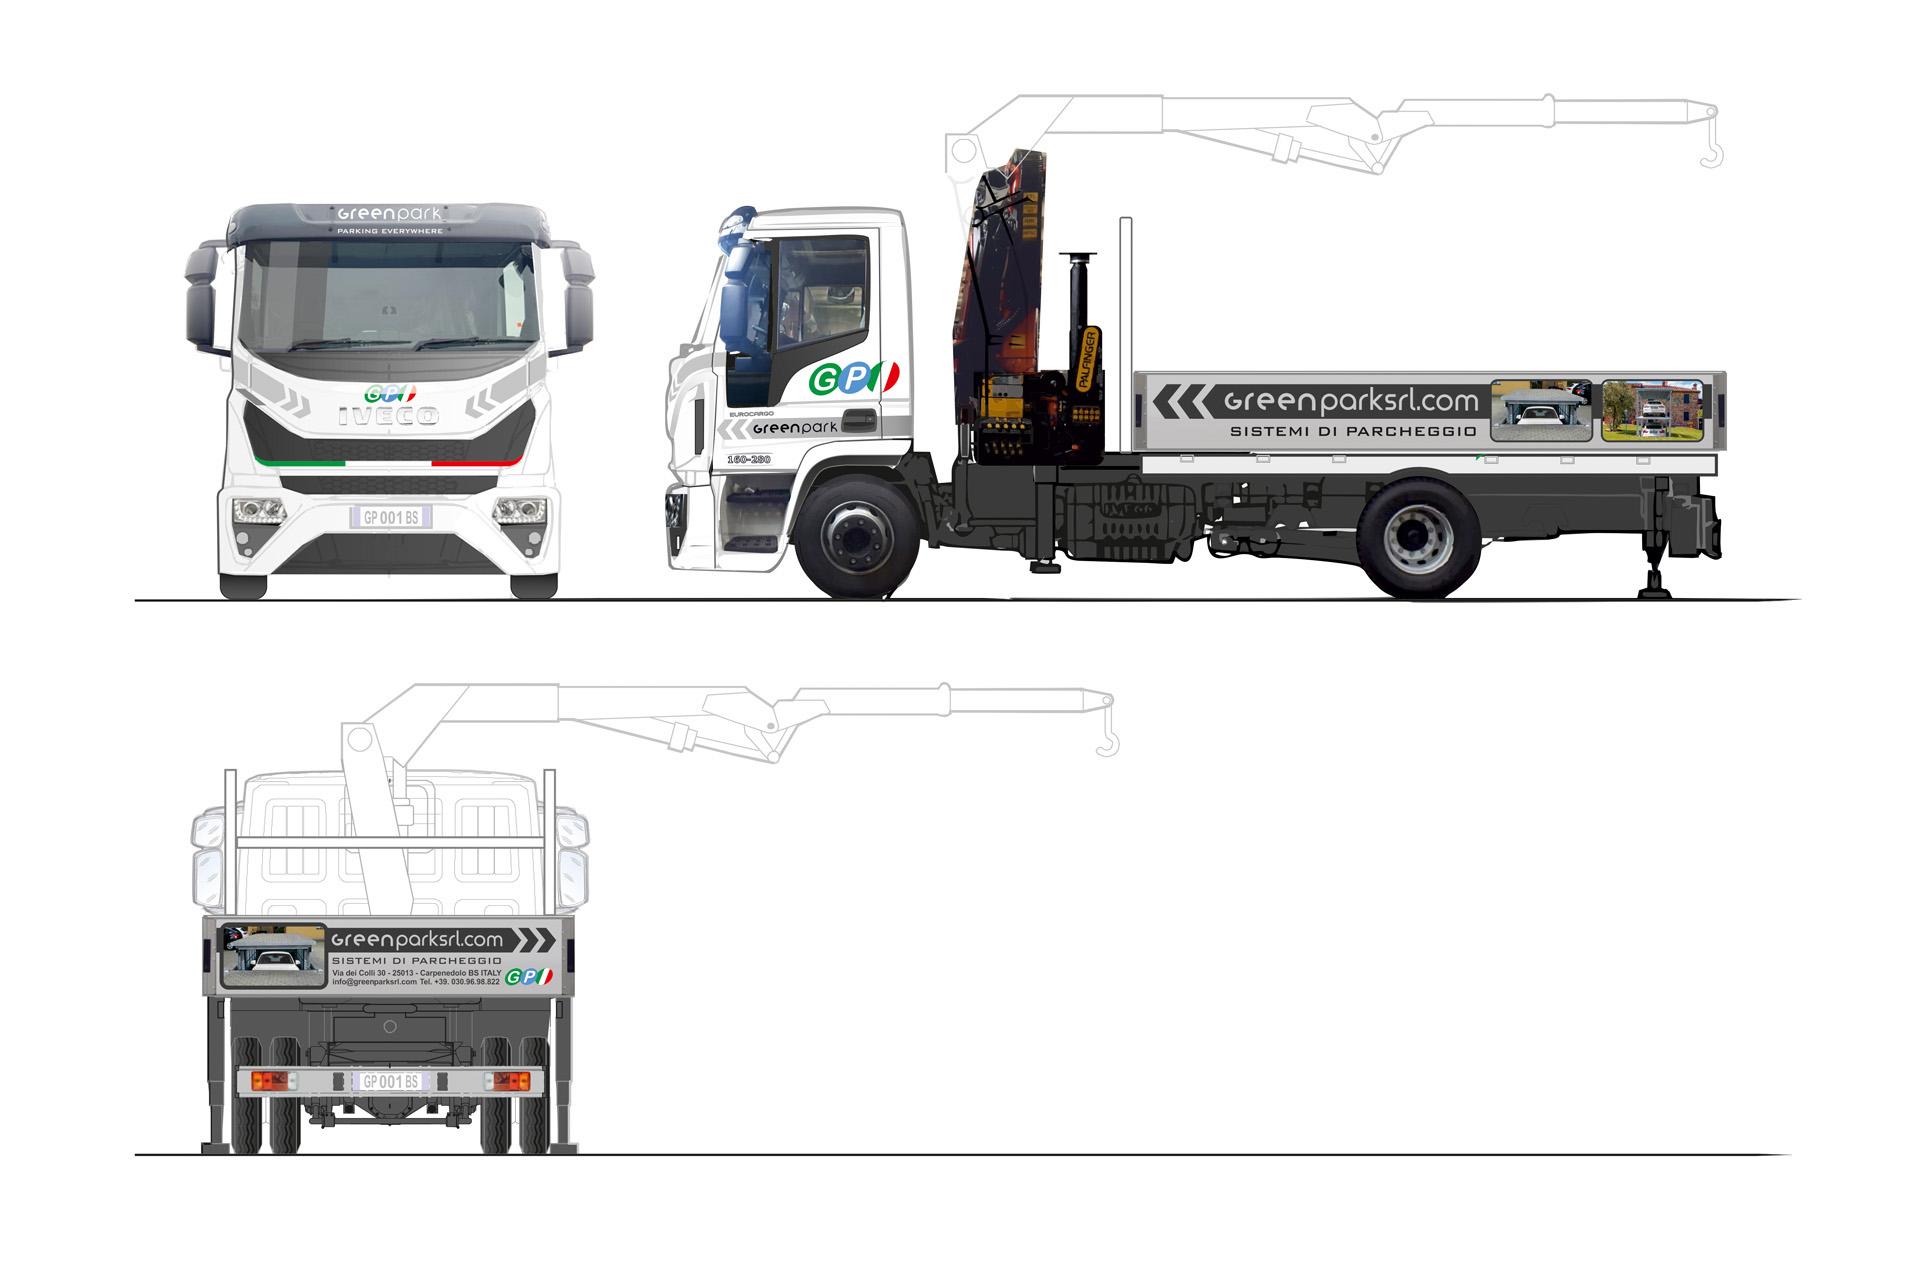 Casarotto Design grafica adesivi decalcomanie automezzi aziendali castiglione delle stiviere mantova brescia camion green park-02